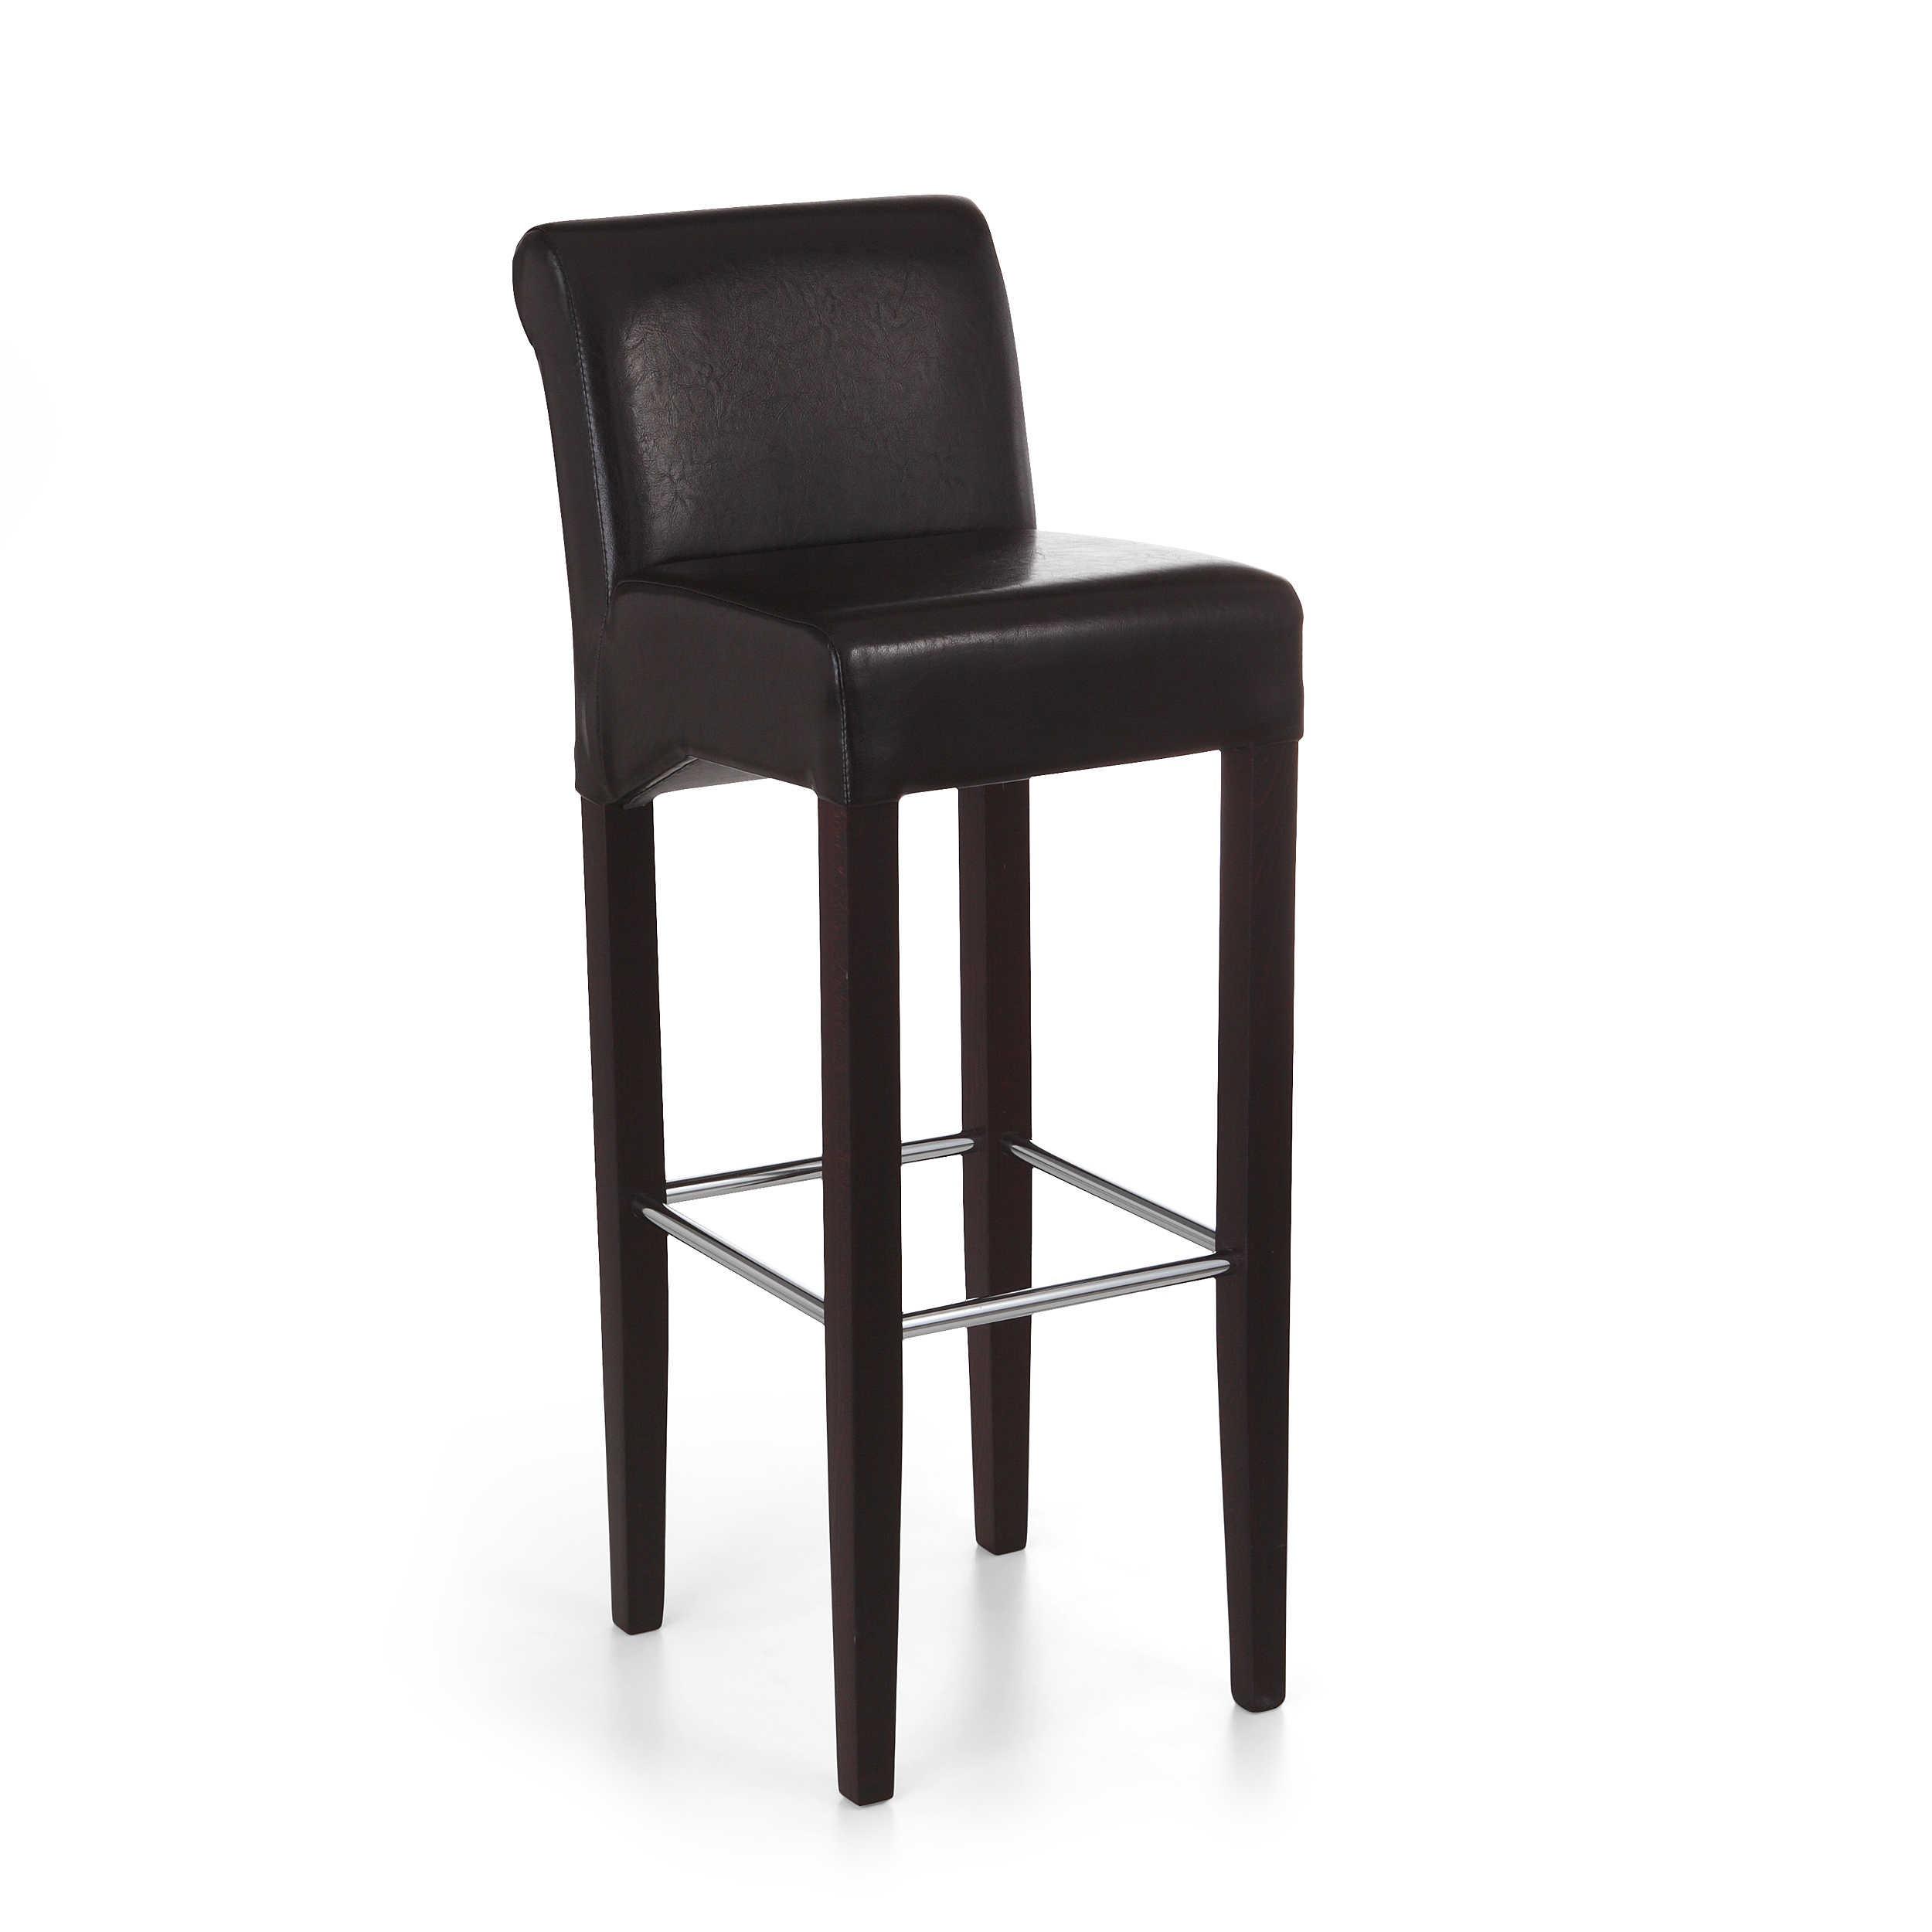 barhocker lecco braun lederoptik online kaufen. Black Bedroom Furniture Sets. Home Design Ideas